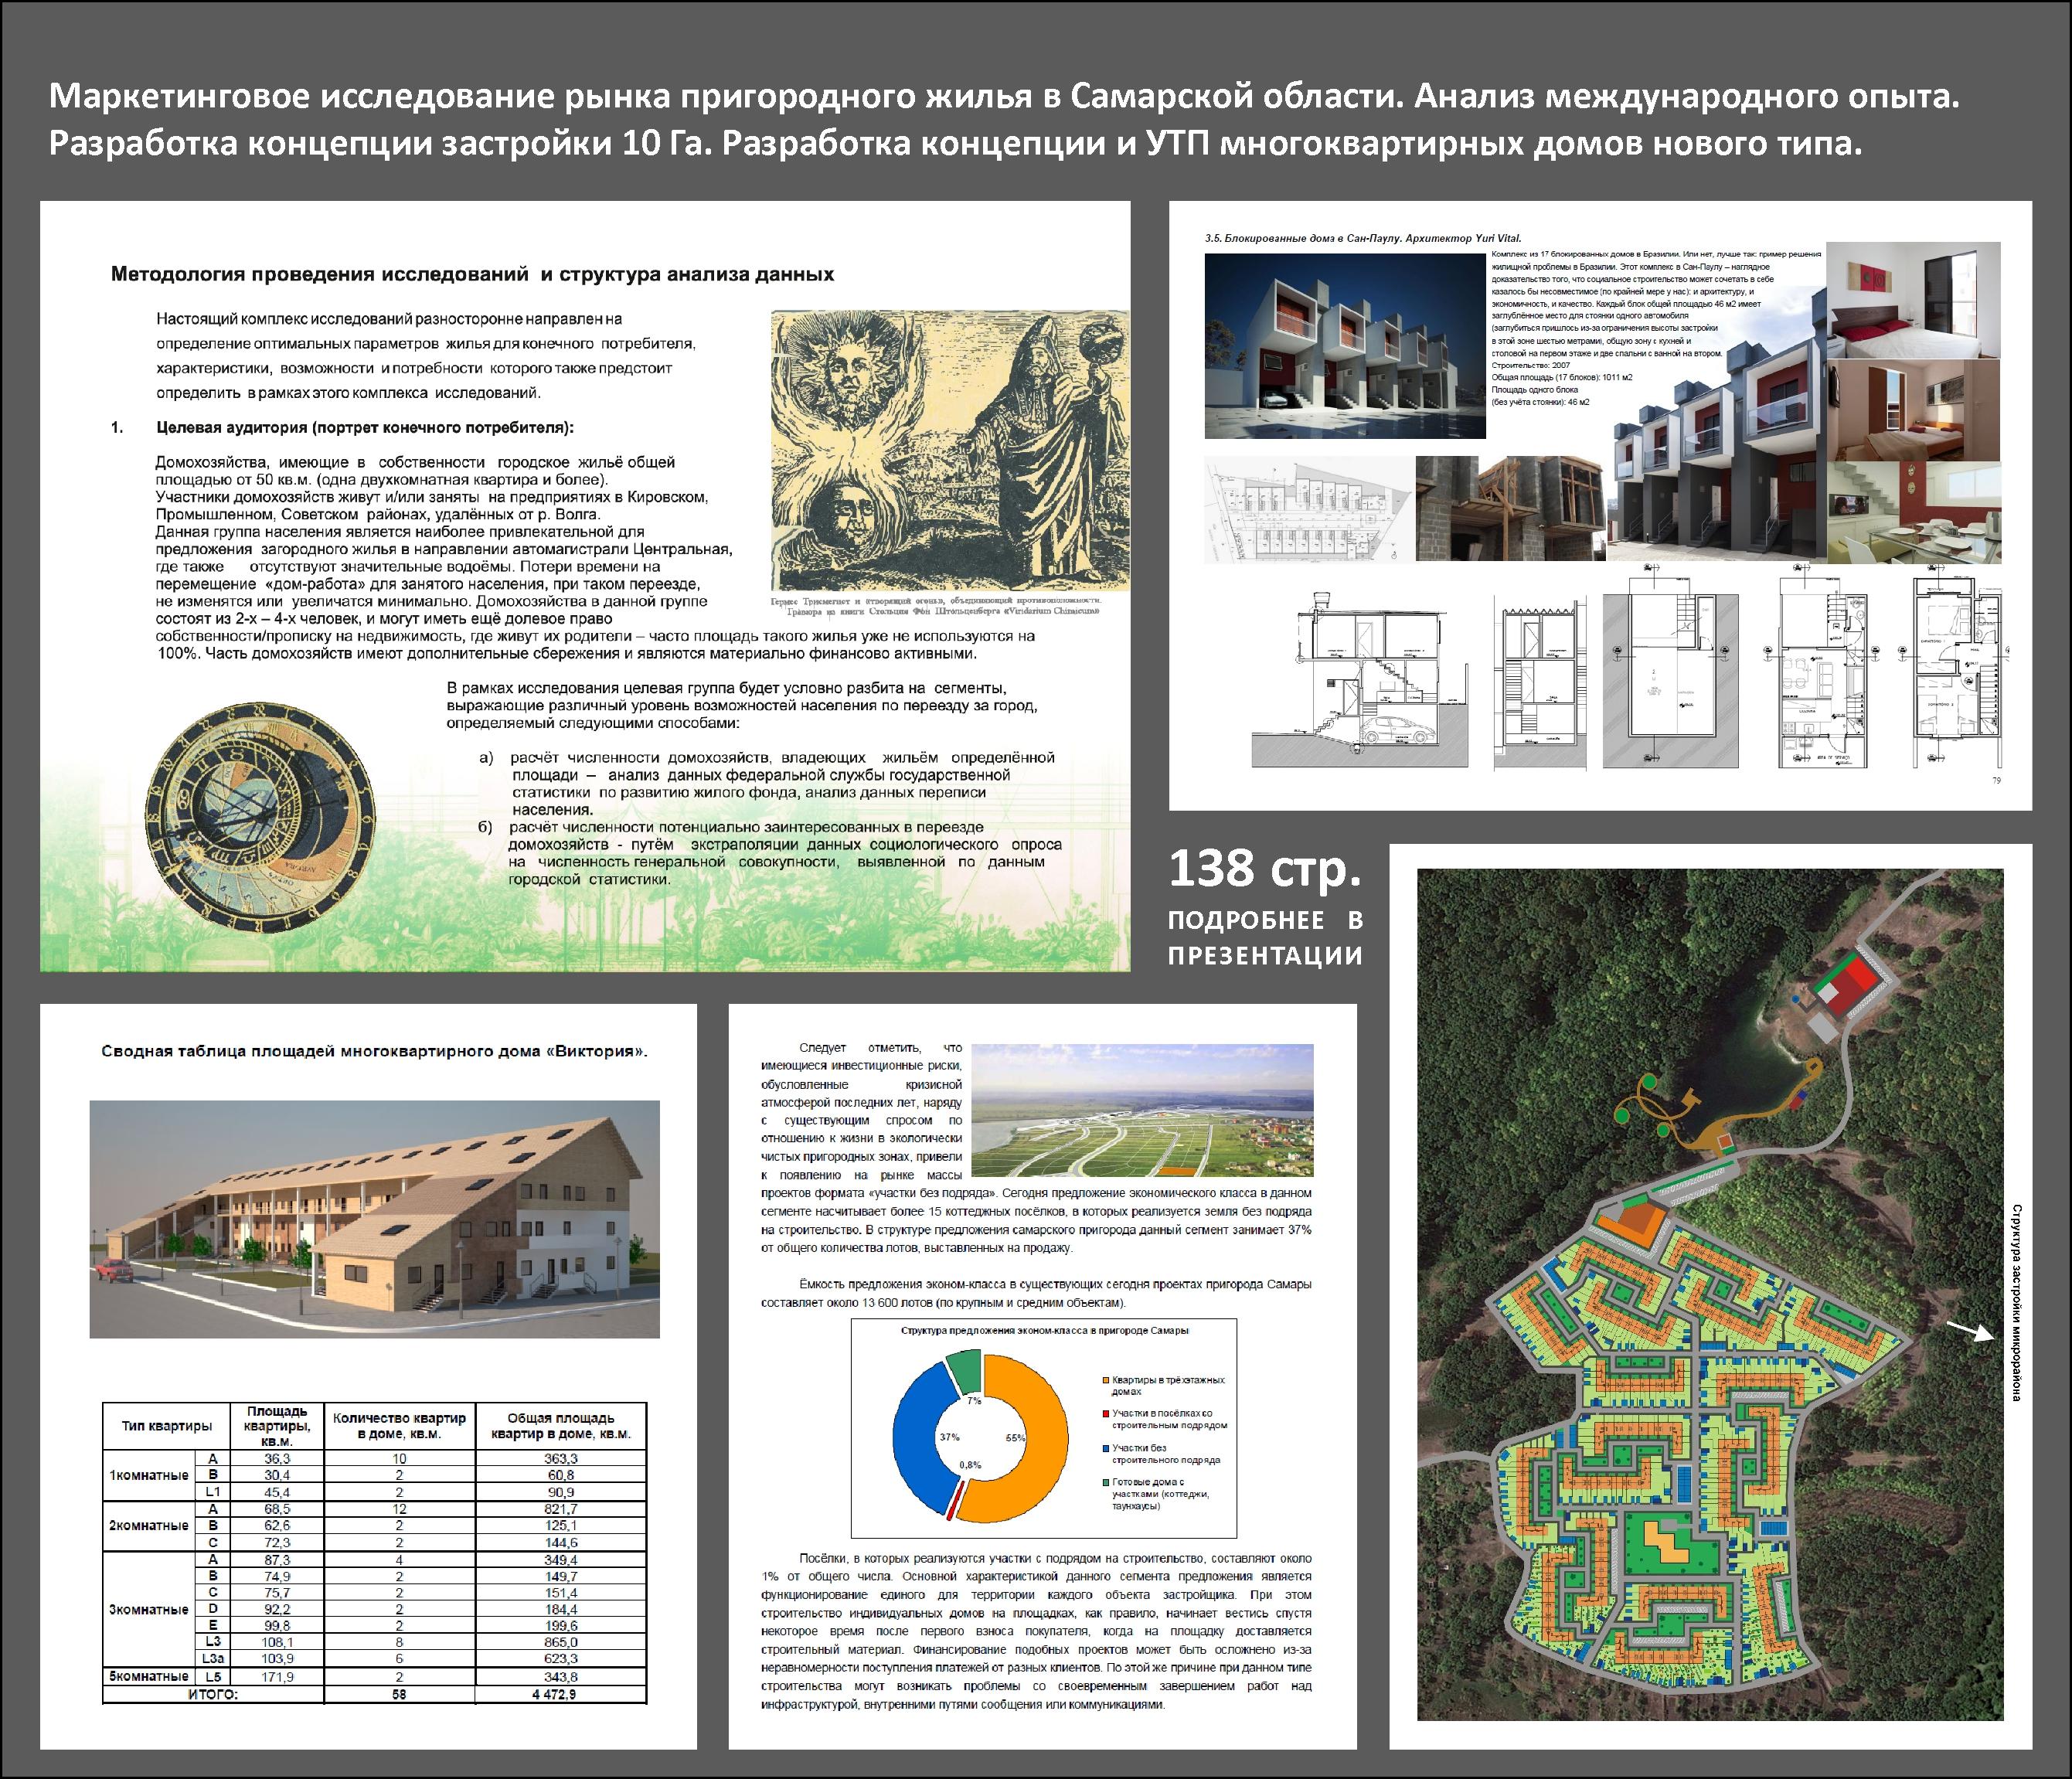 Исследование пригородного малоэтажного жилья в Самарской области 2011г. Разработка концепции застройки участка 10 Га.